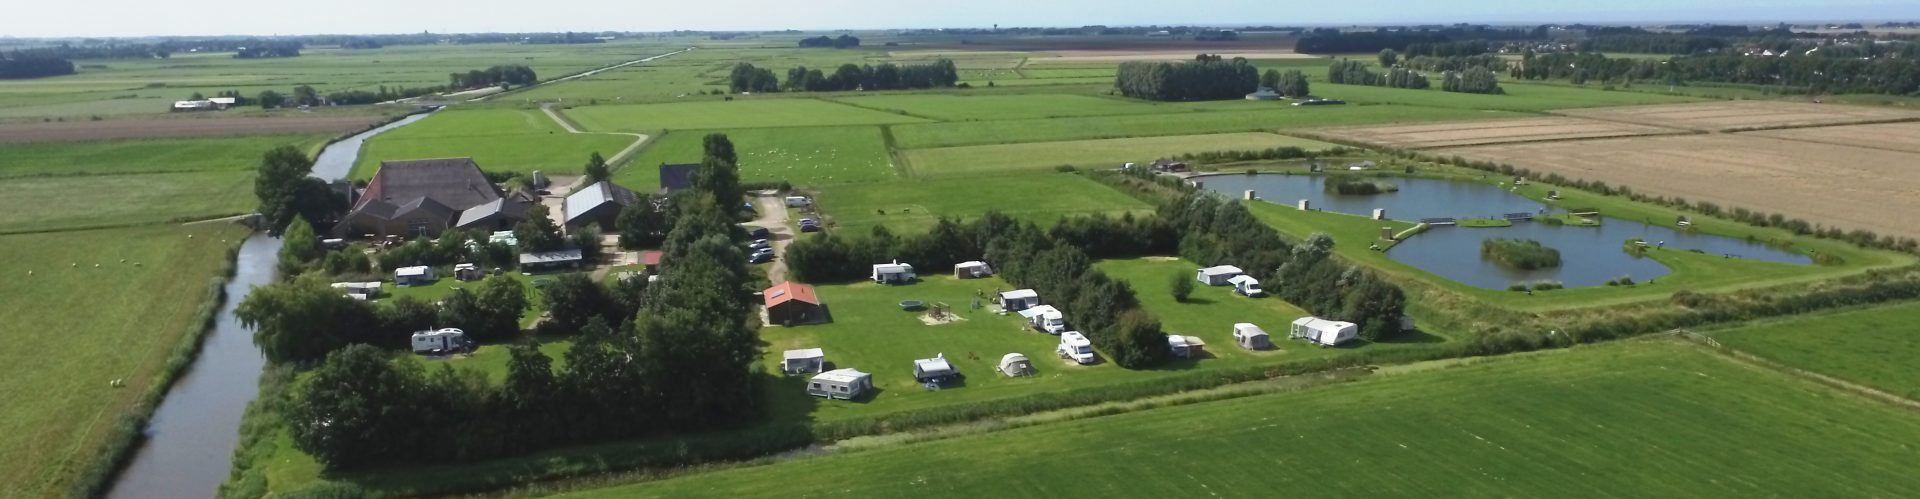 Recreatiebedrijf de Blikvaart, camping, groepsaccommodatie, outdooractiviteiten, feesten en partijen